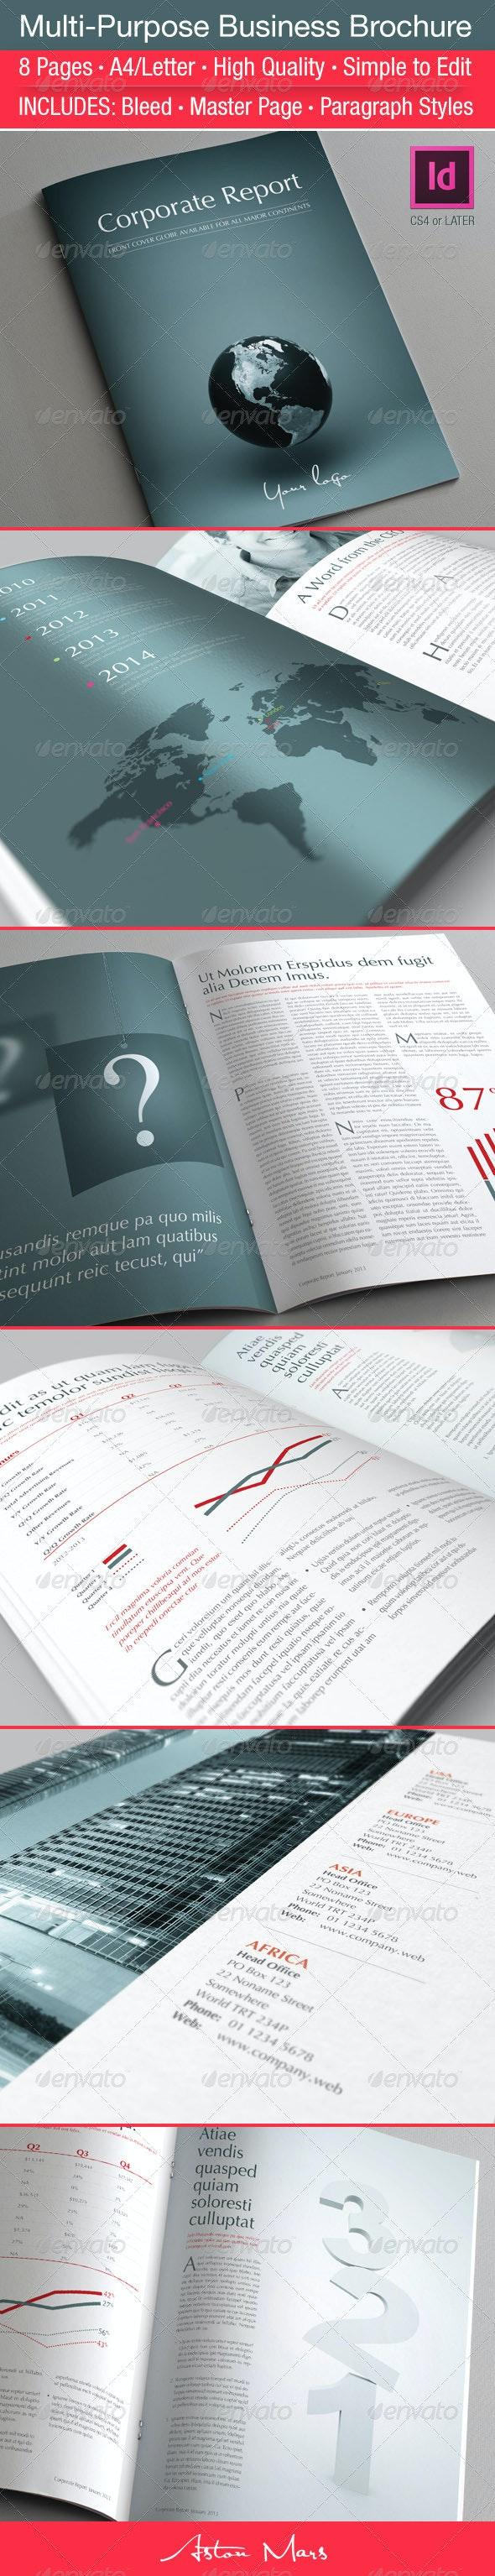 Multi-Purpose Business Brochure - Corporate Brochures